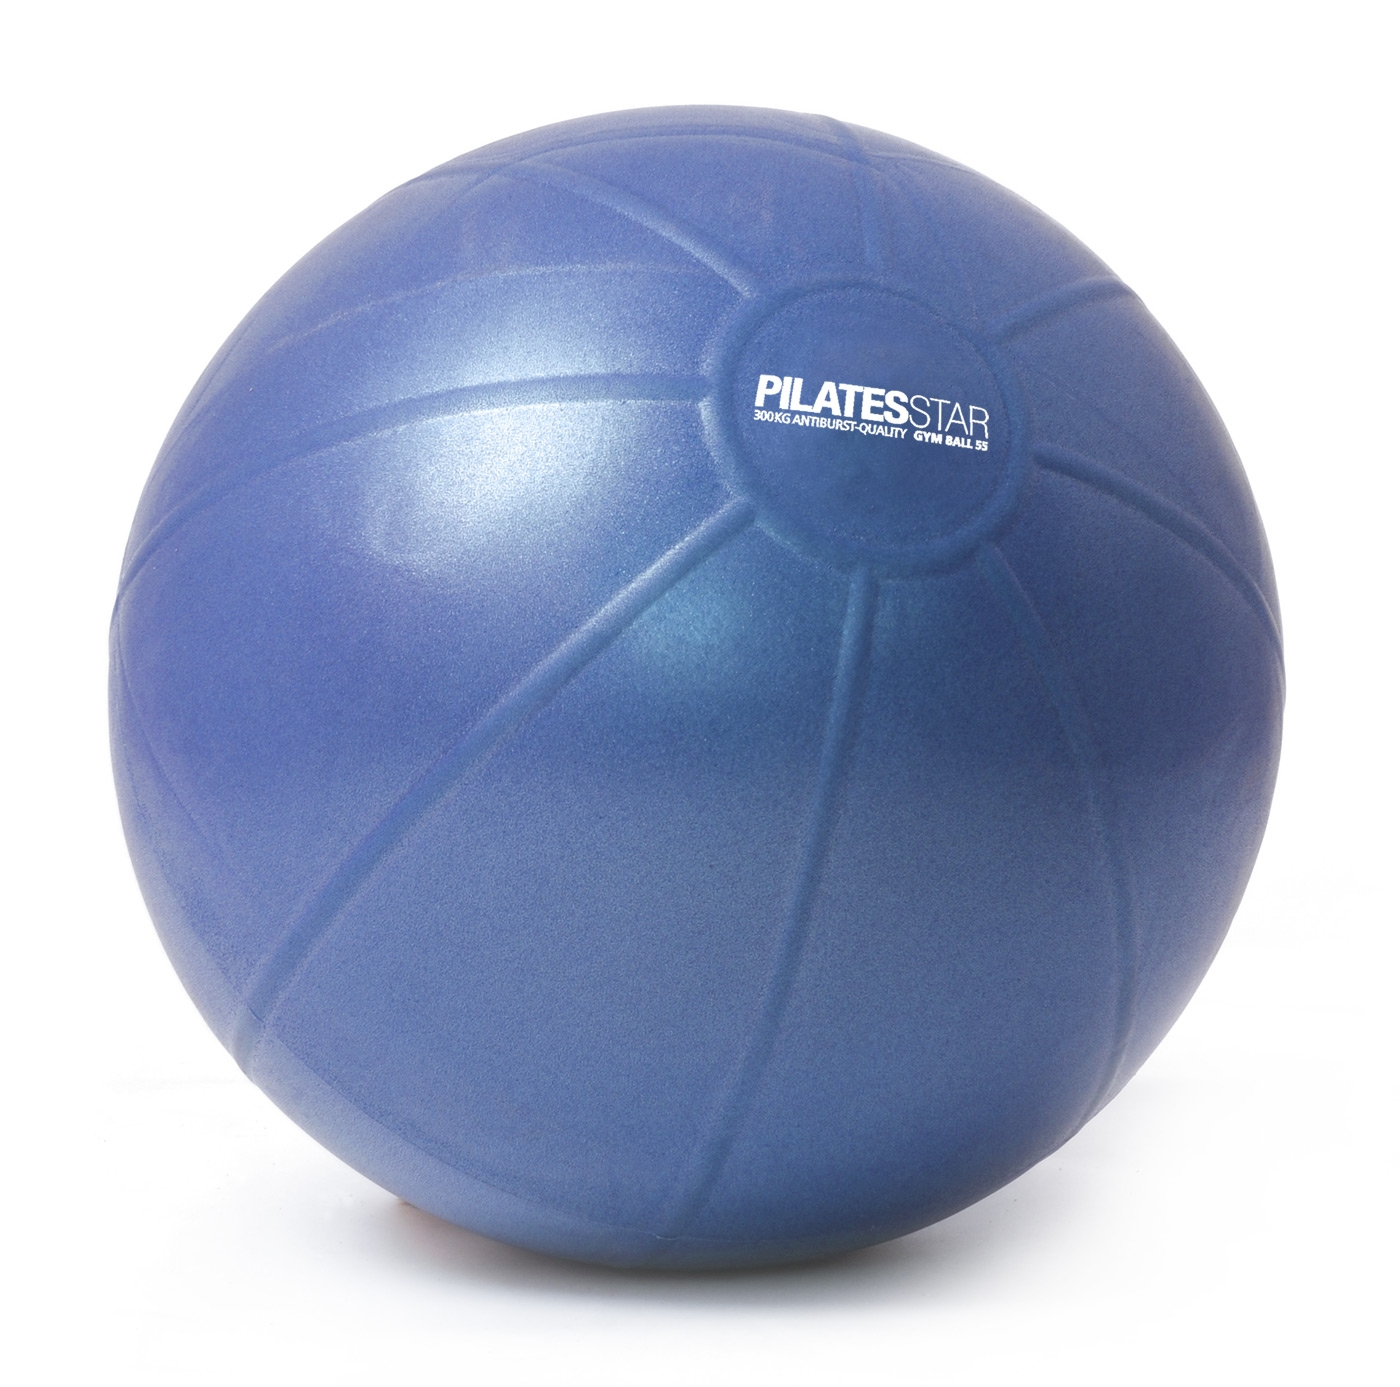 Pelota de gimnasia para pilates - azul